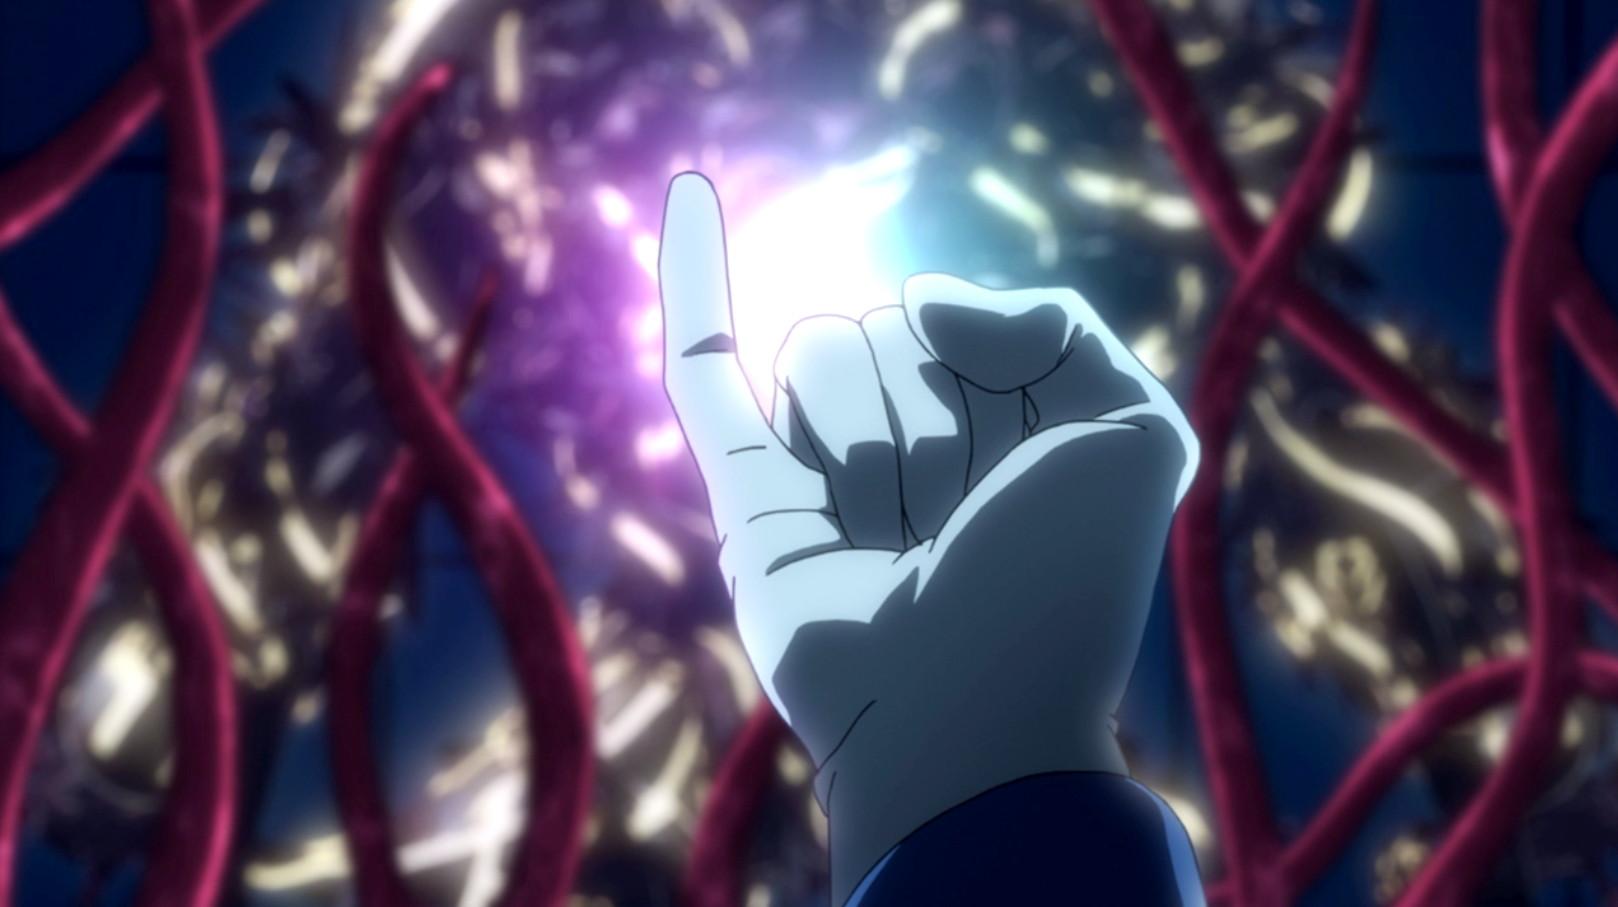 『重神機パンドーラ』最終話の先行場面カット&あらすじ公開! はたして、世界を守る最後の作戦とは……?